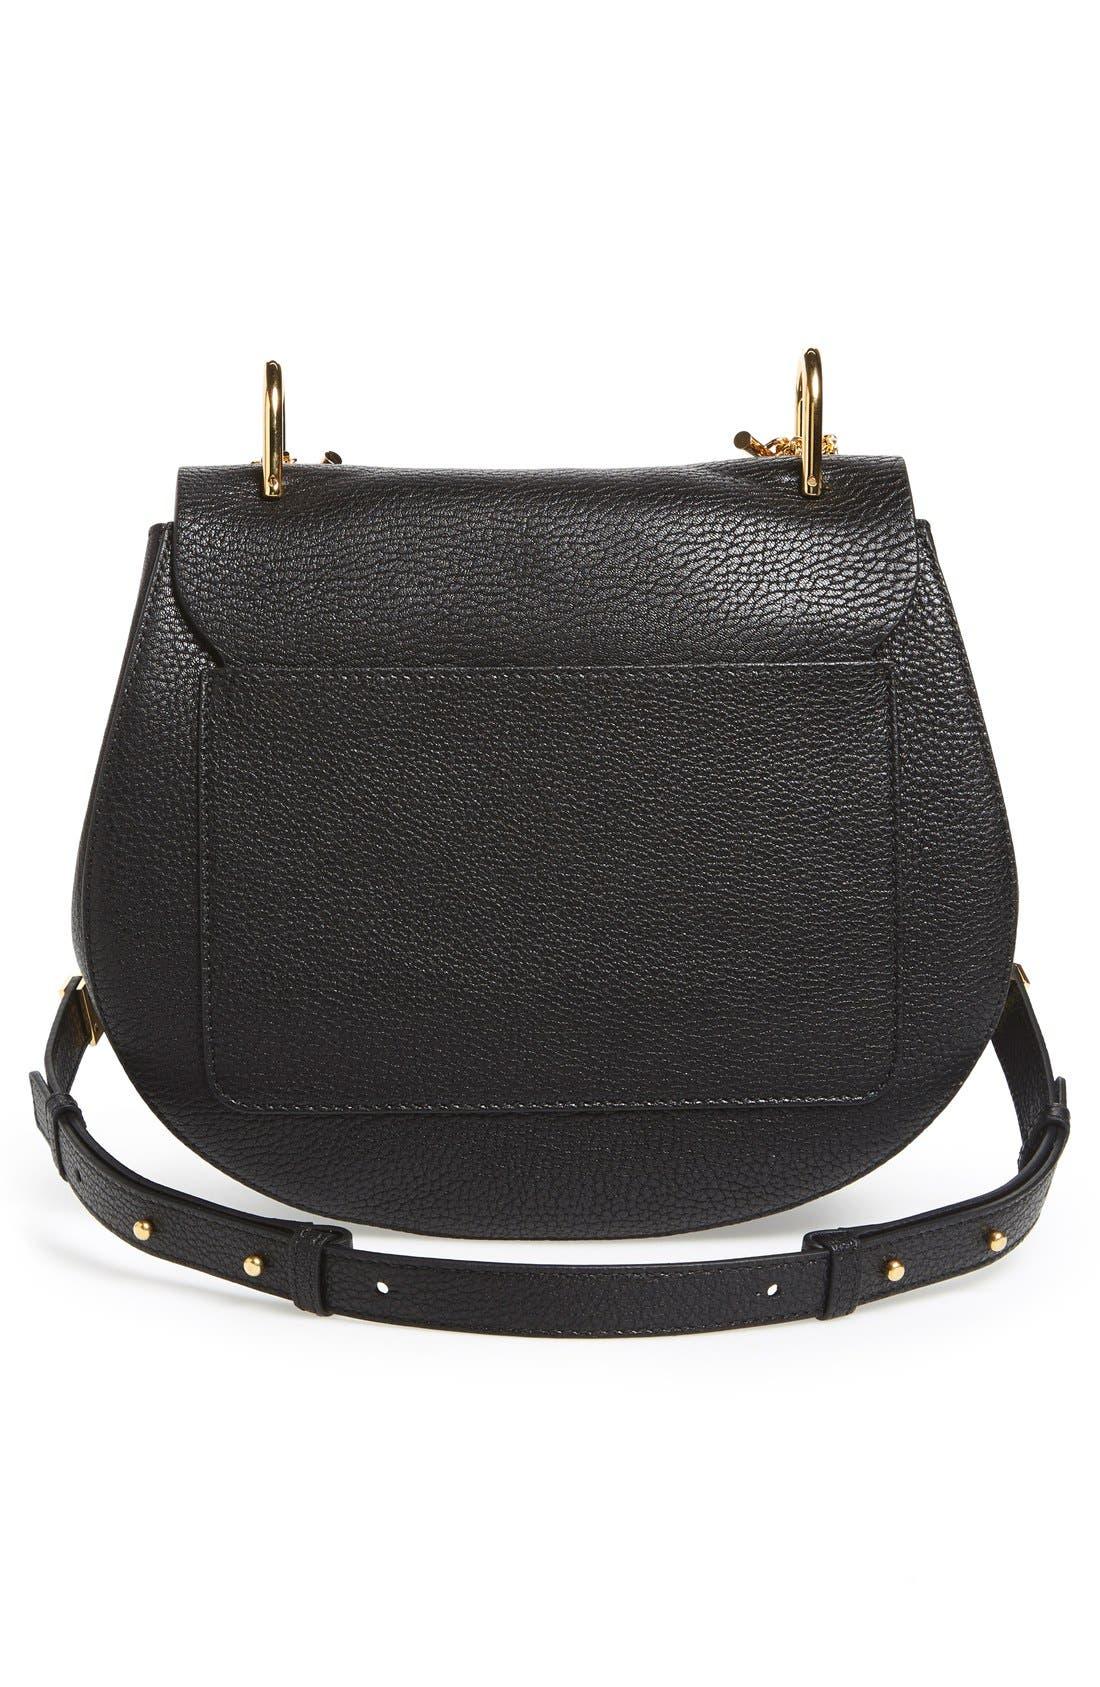 Alternate Image 3  - Chloé 'Drew' Lambskin Leather Shoulder Bag